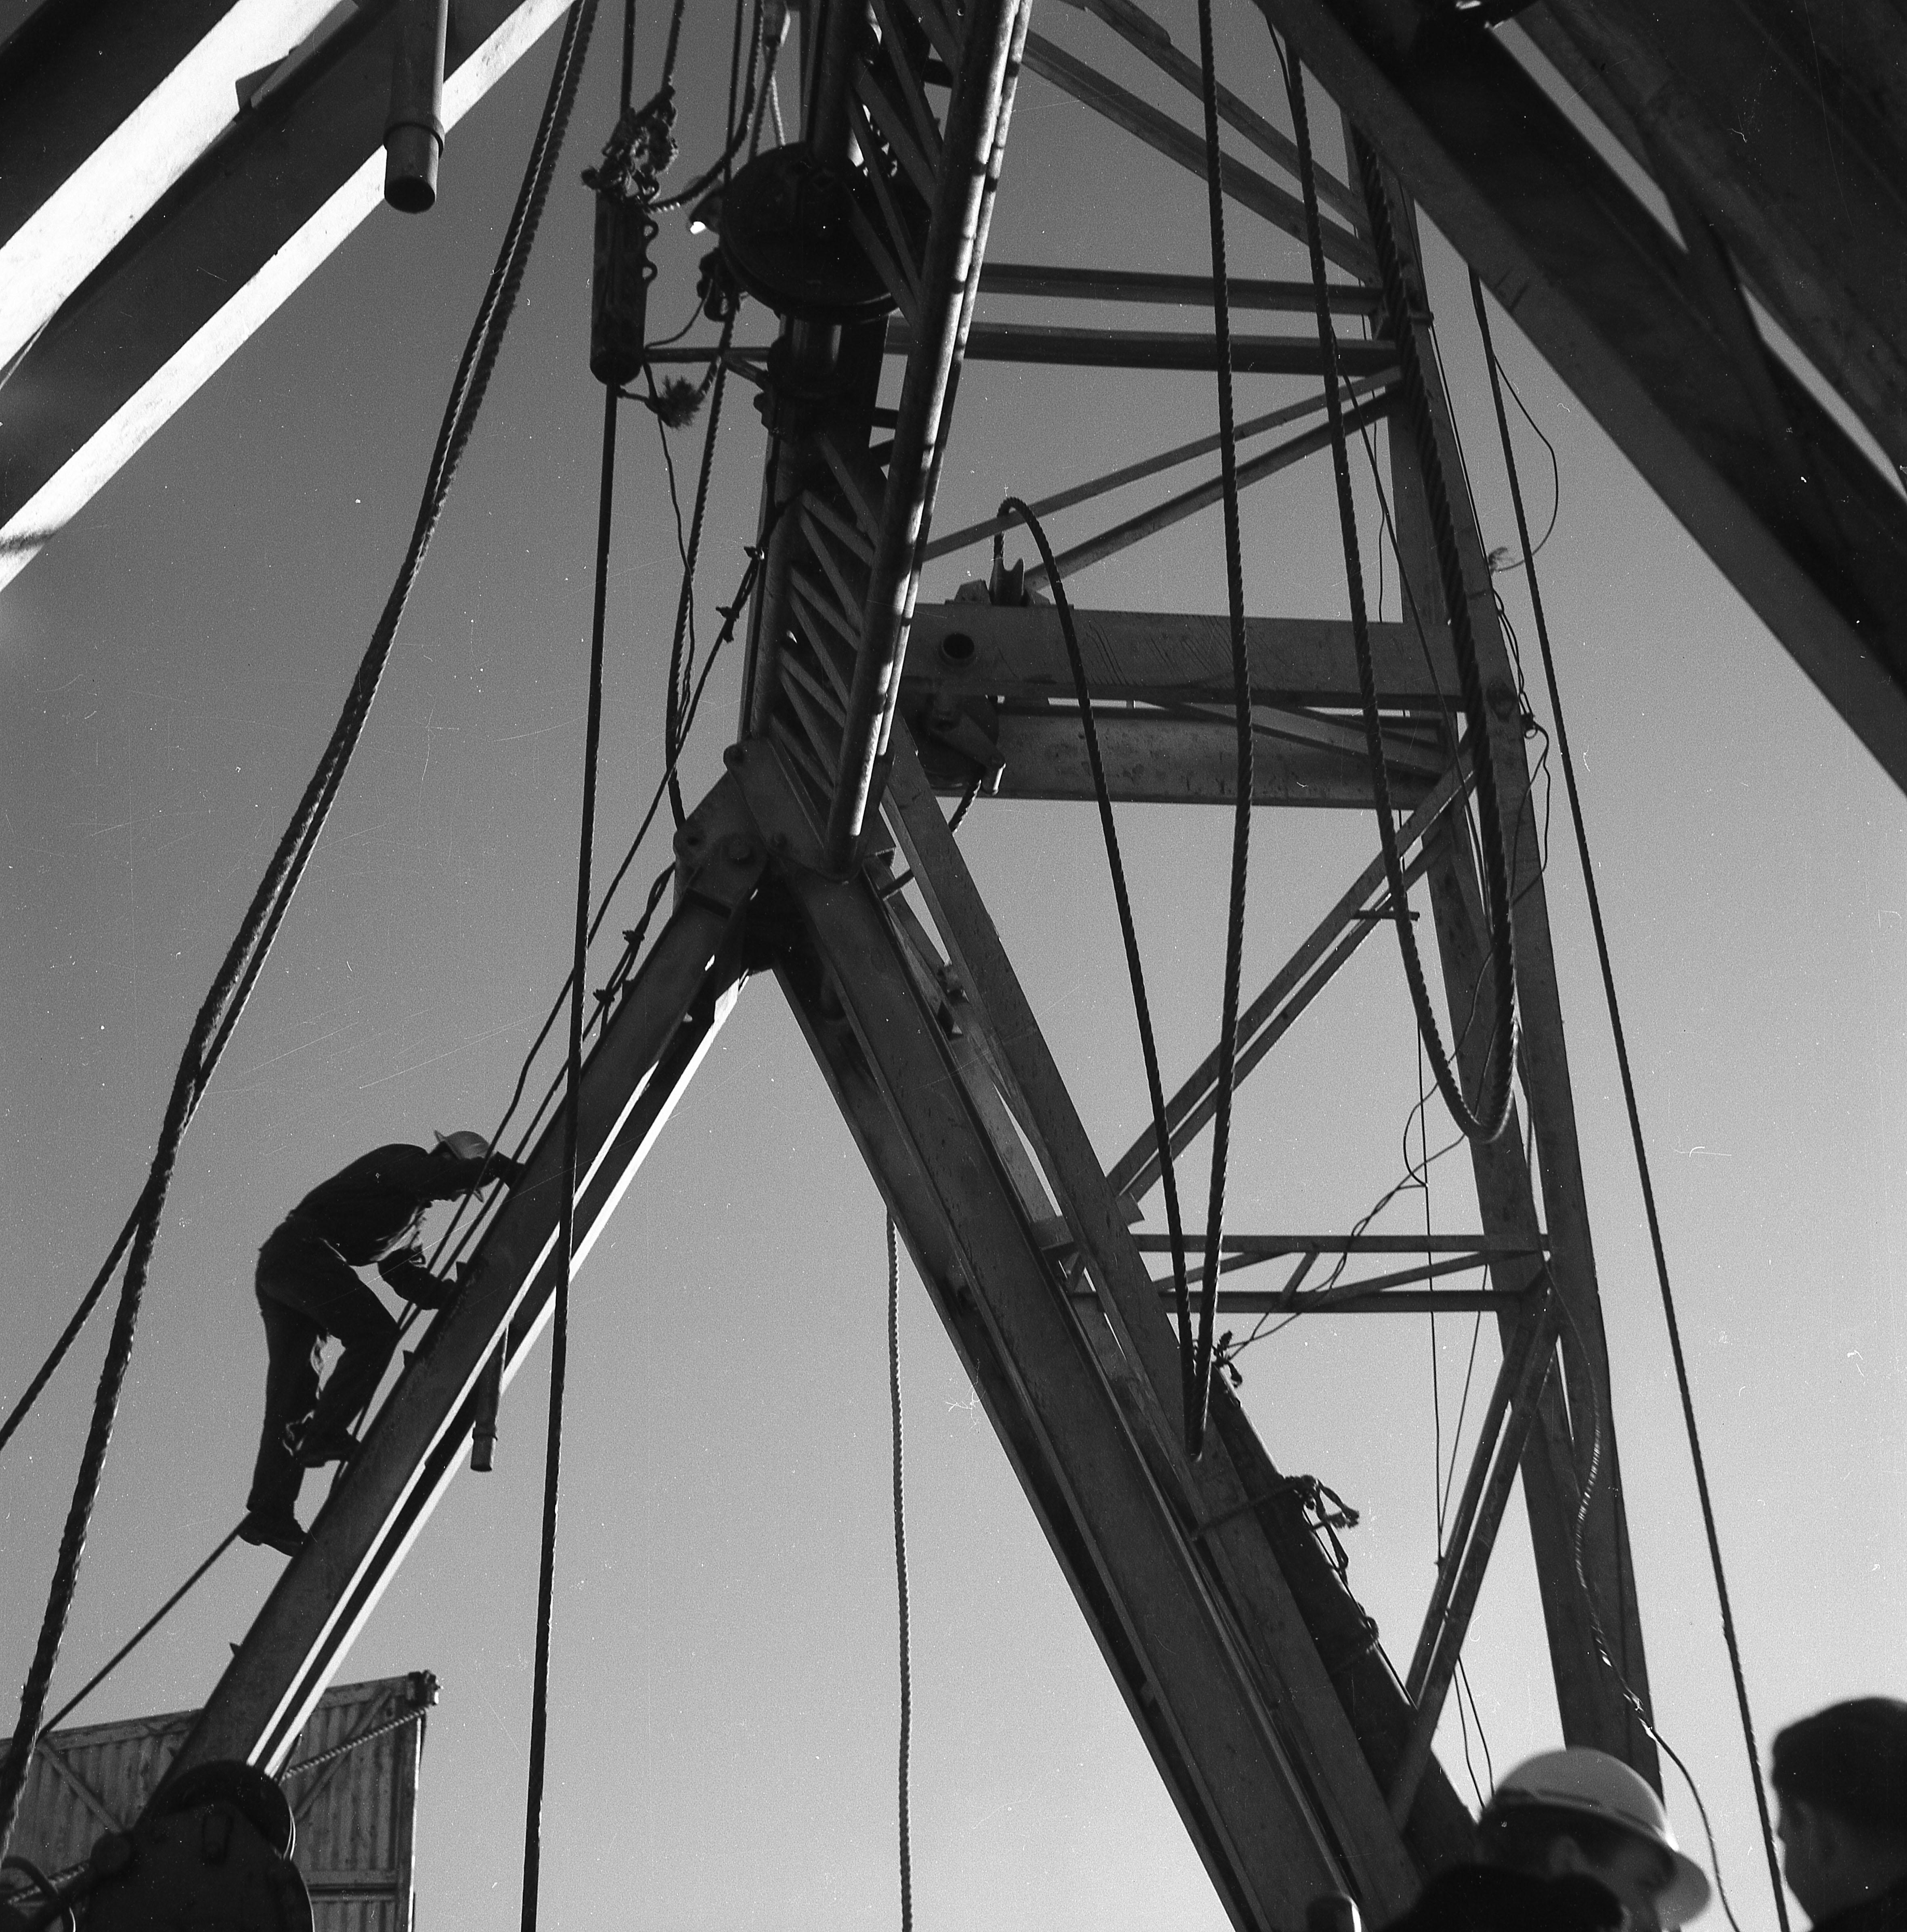 Enterreno - Fotos históricas de chile - fotos antiguas de Chile - Perforación de pozo petrolero Enap, Magallanes, 1960